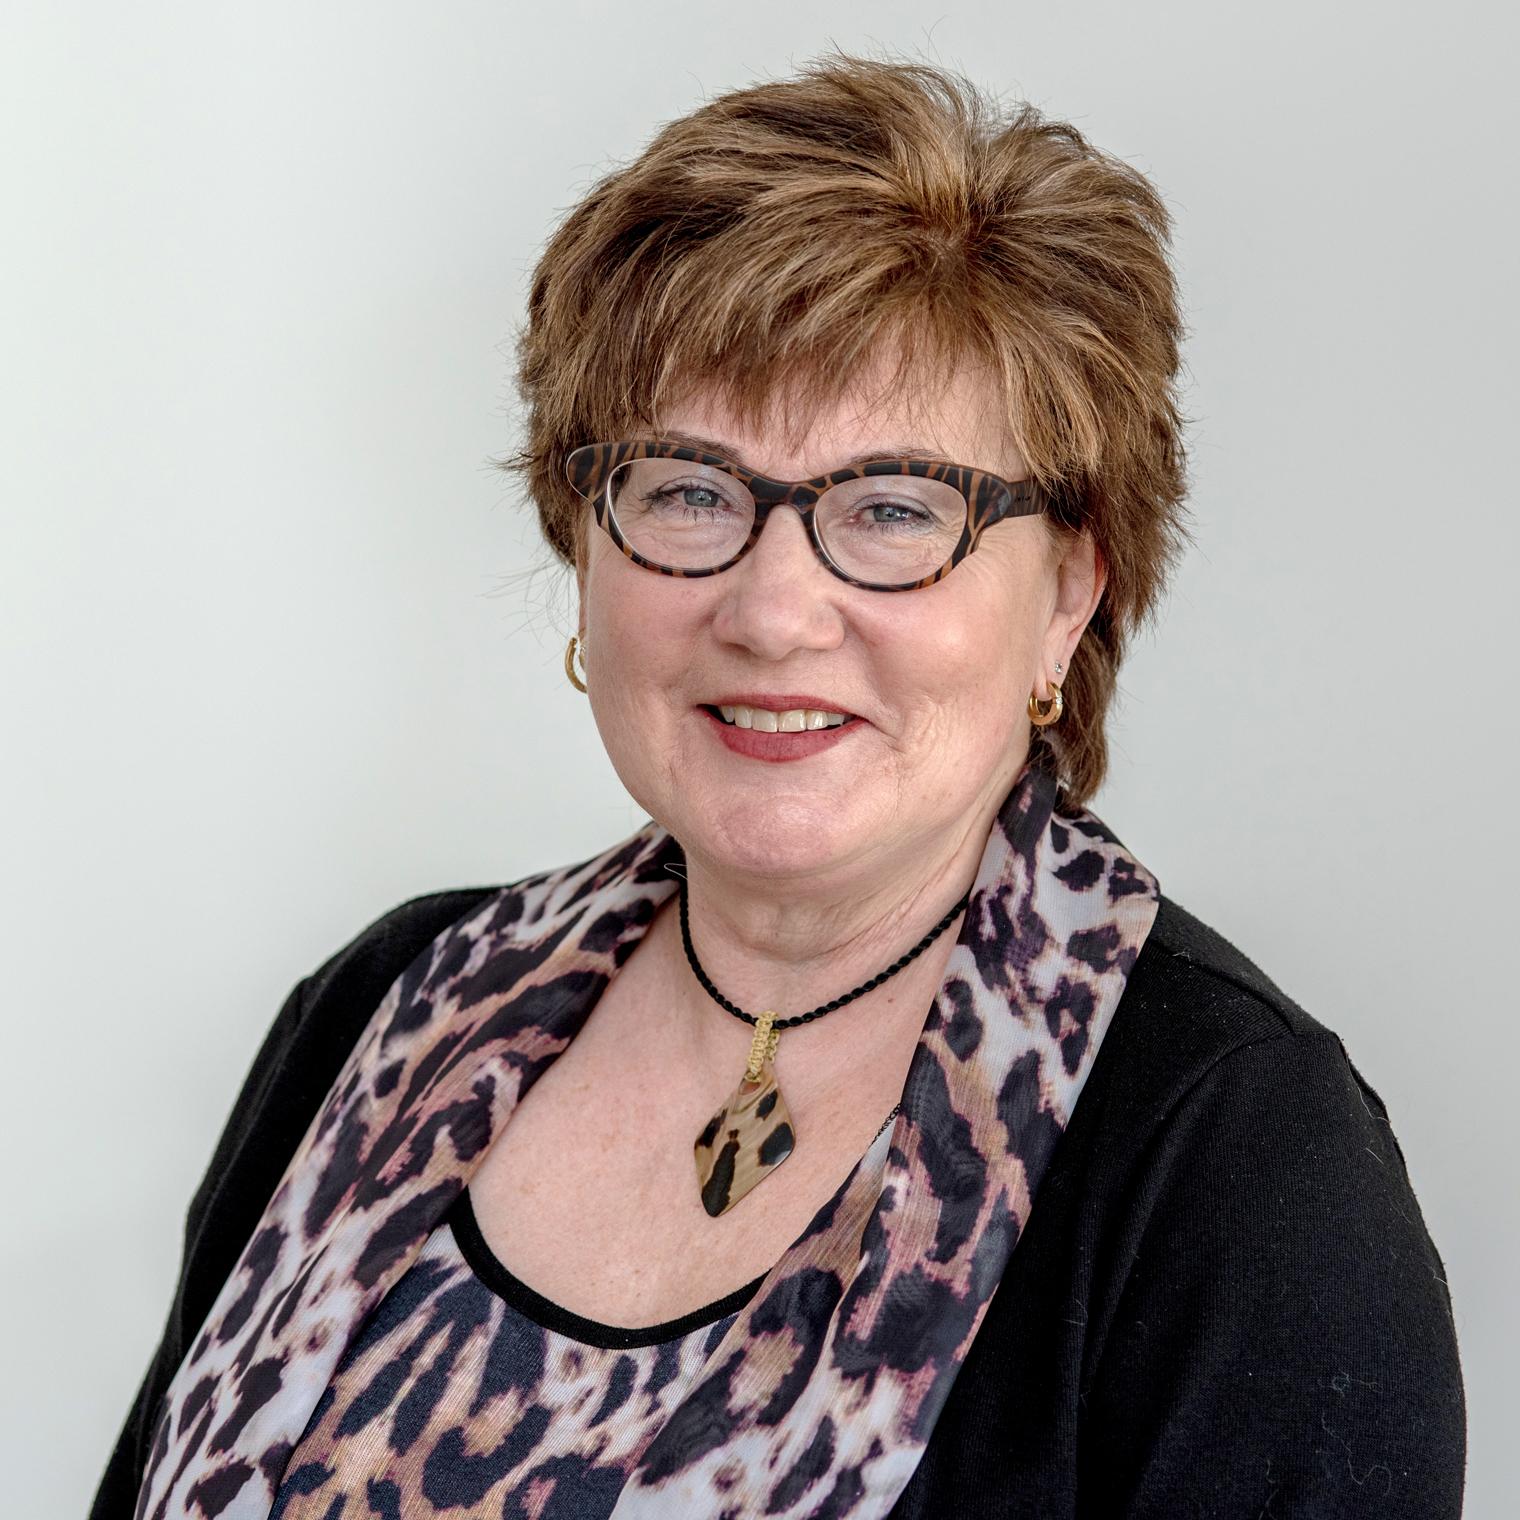 Bonnie Haughton